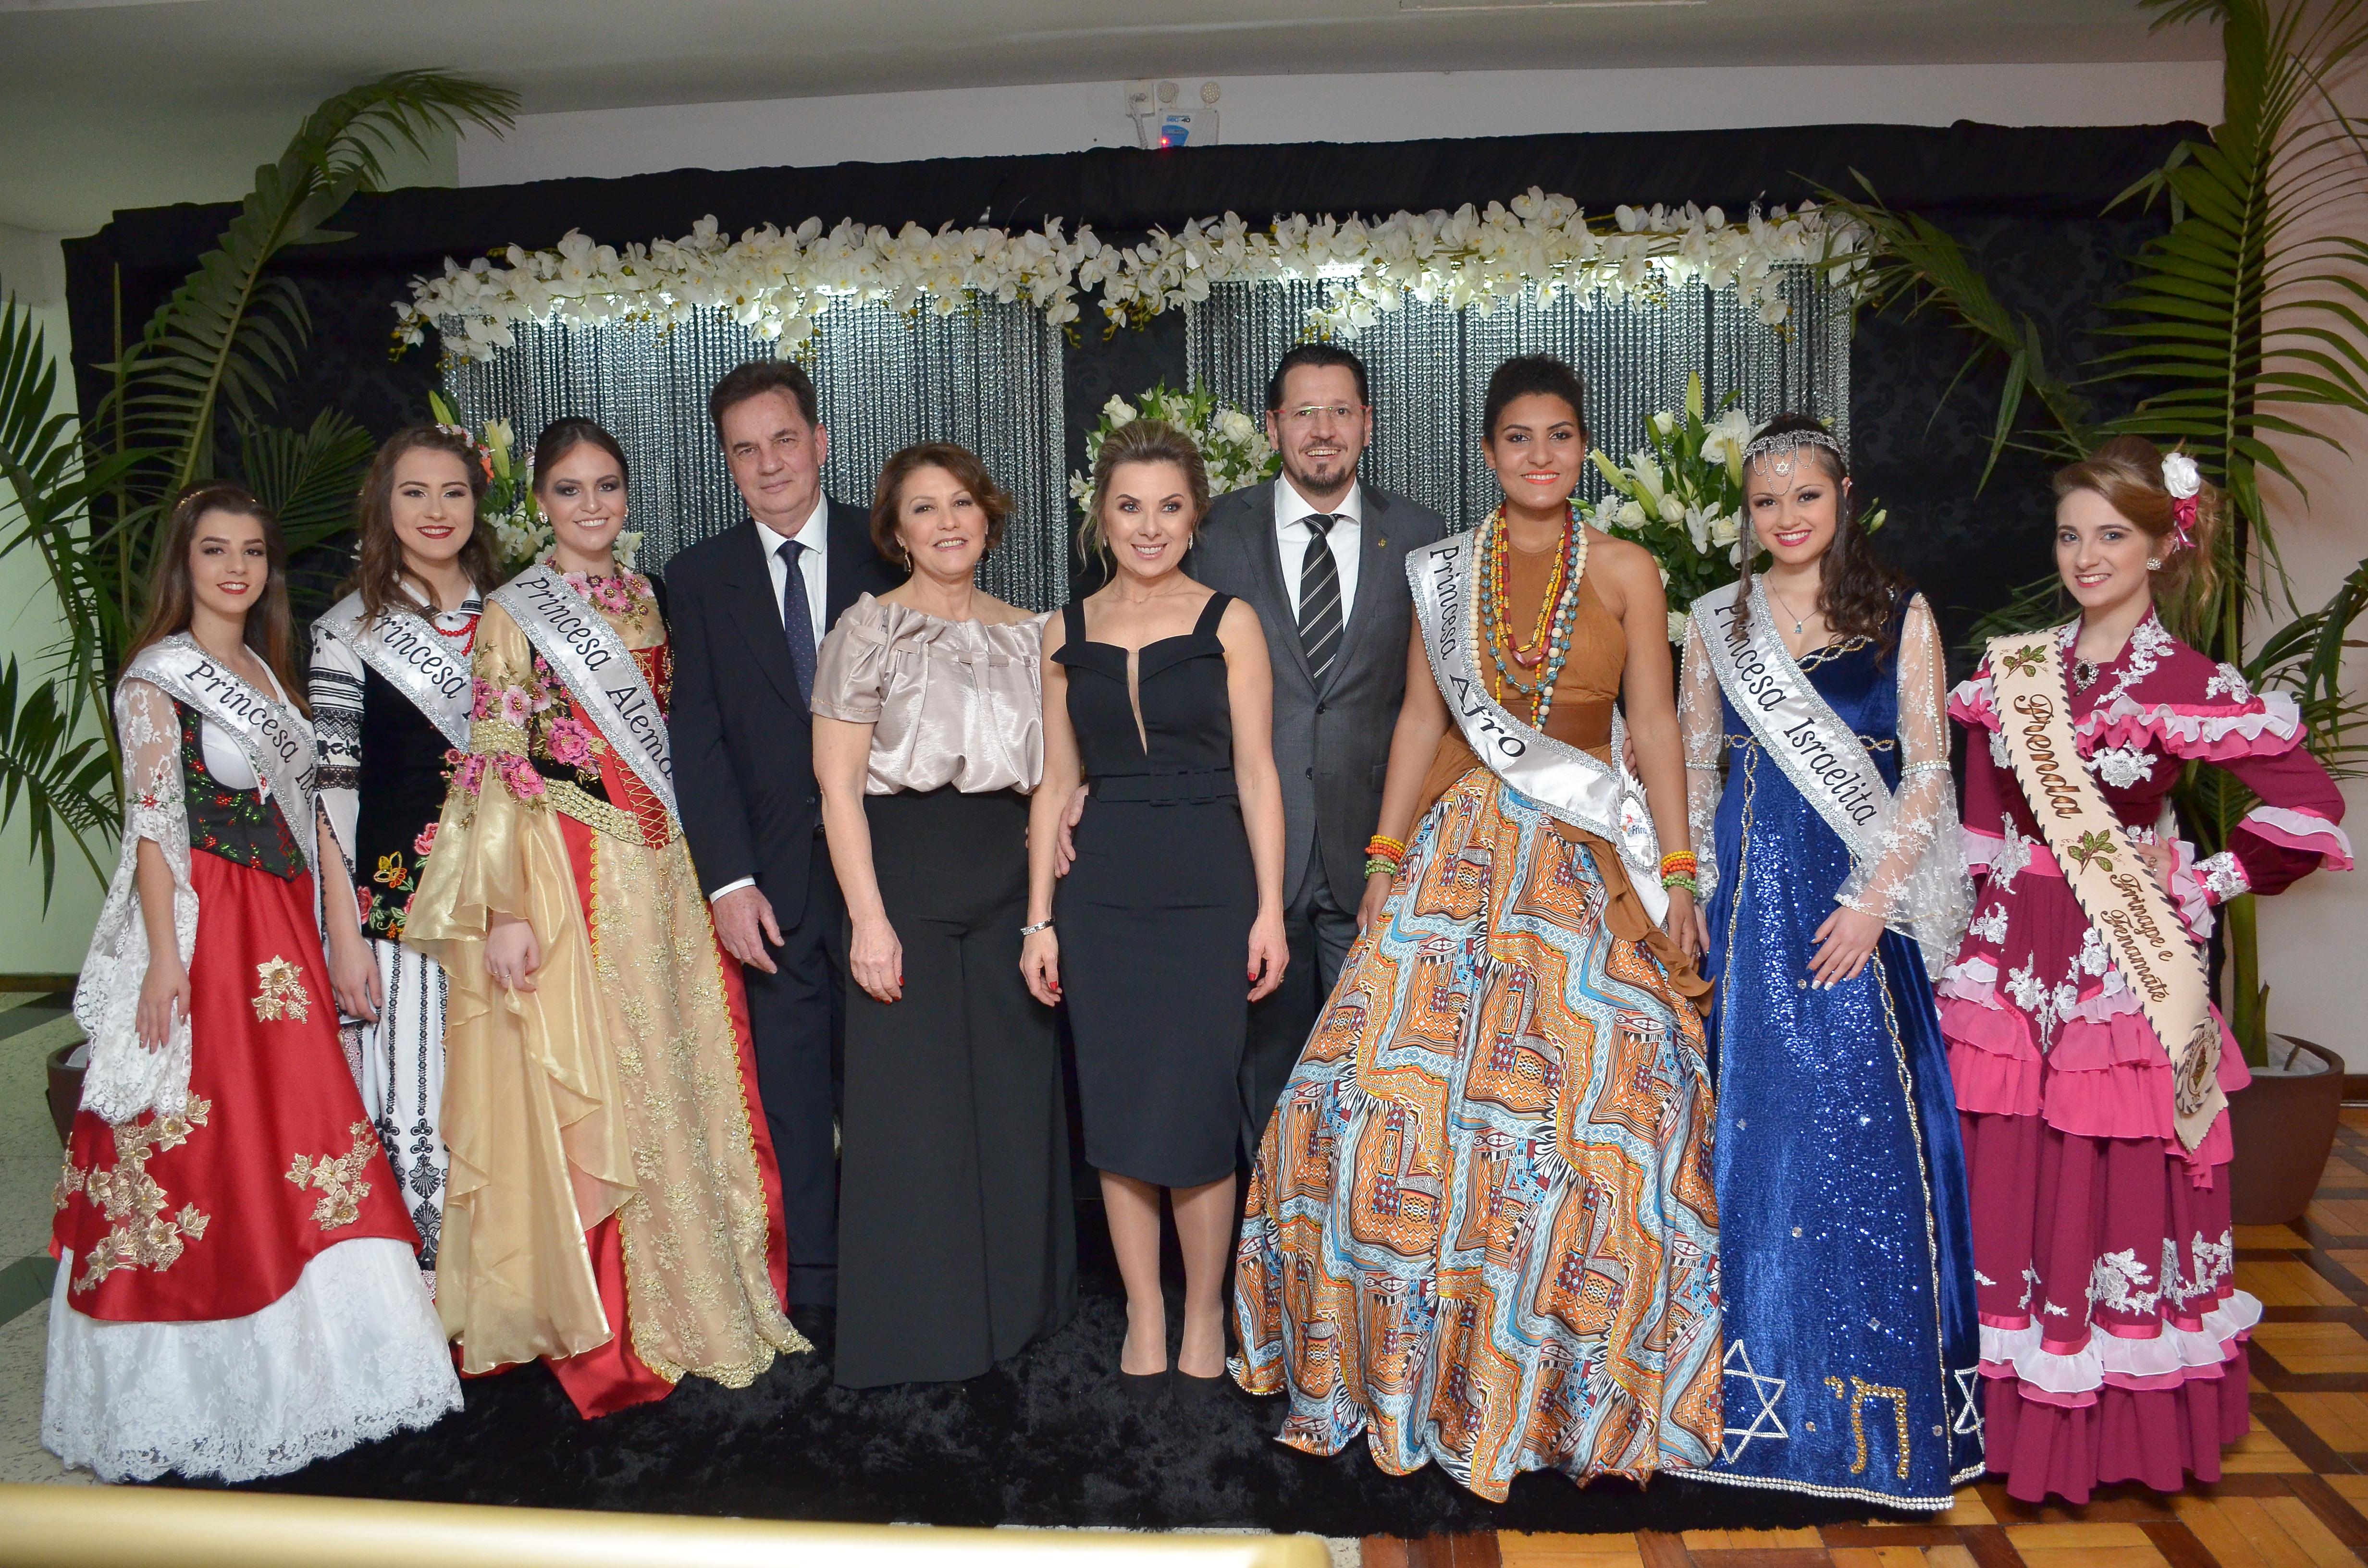 Princesas Étnicas da Frinape 2018 com o prefeito Luiz Francisco Schmidt e Rosmari e Lisiane e Fábio Vendrúscolo